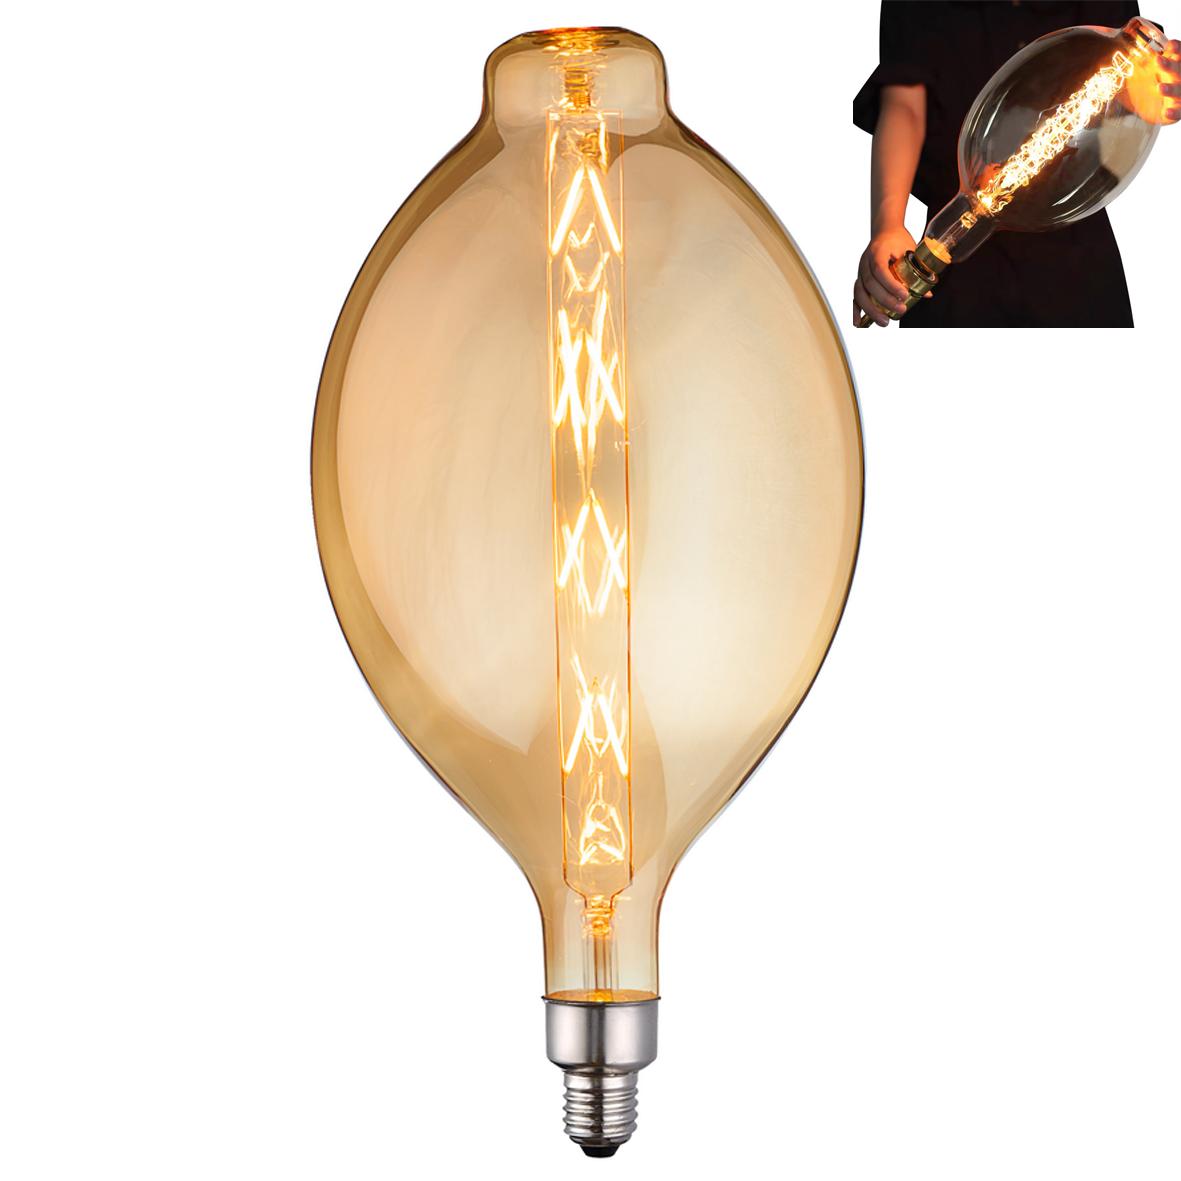 Lampadario Con Strisce Led lampada led 8w attacco grosso e27 design tulipano bt180 con filamento l98-8w